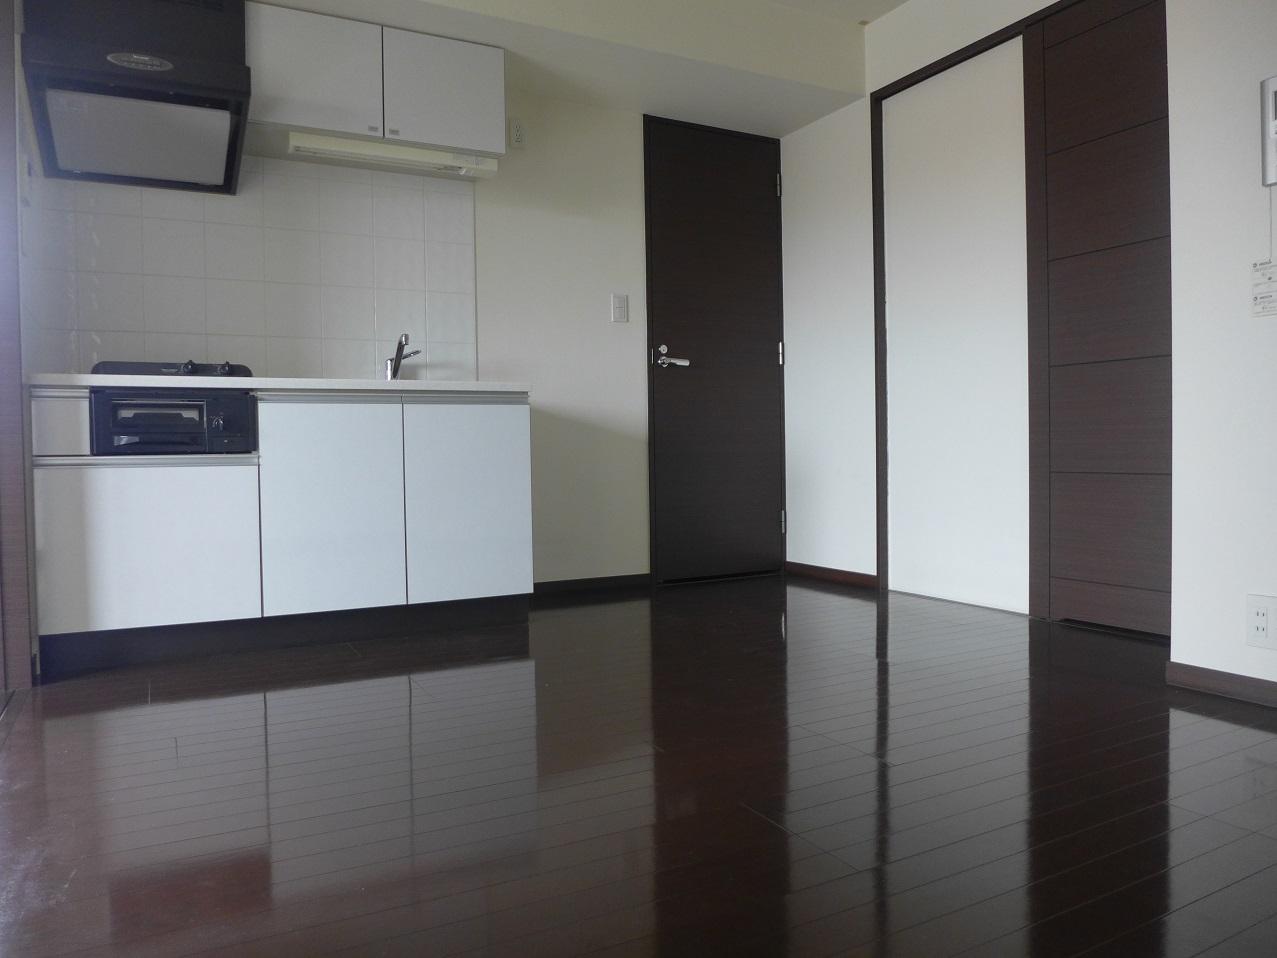 単身用の賃貸マンション(1K・1DK・1LDK)で二人暮らしできるの?